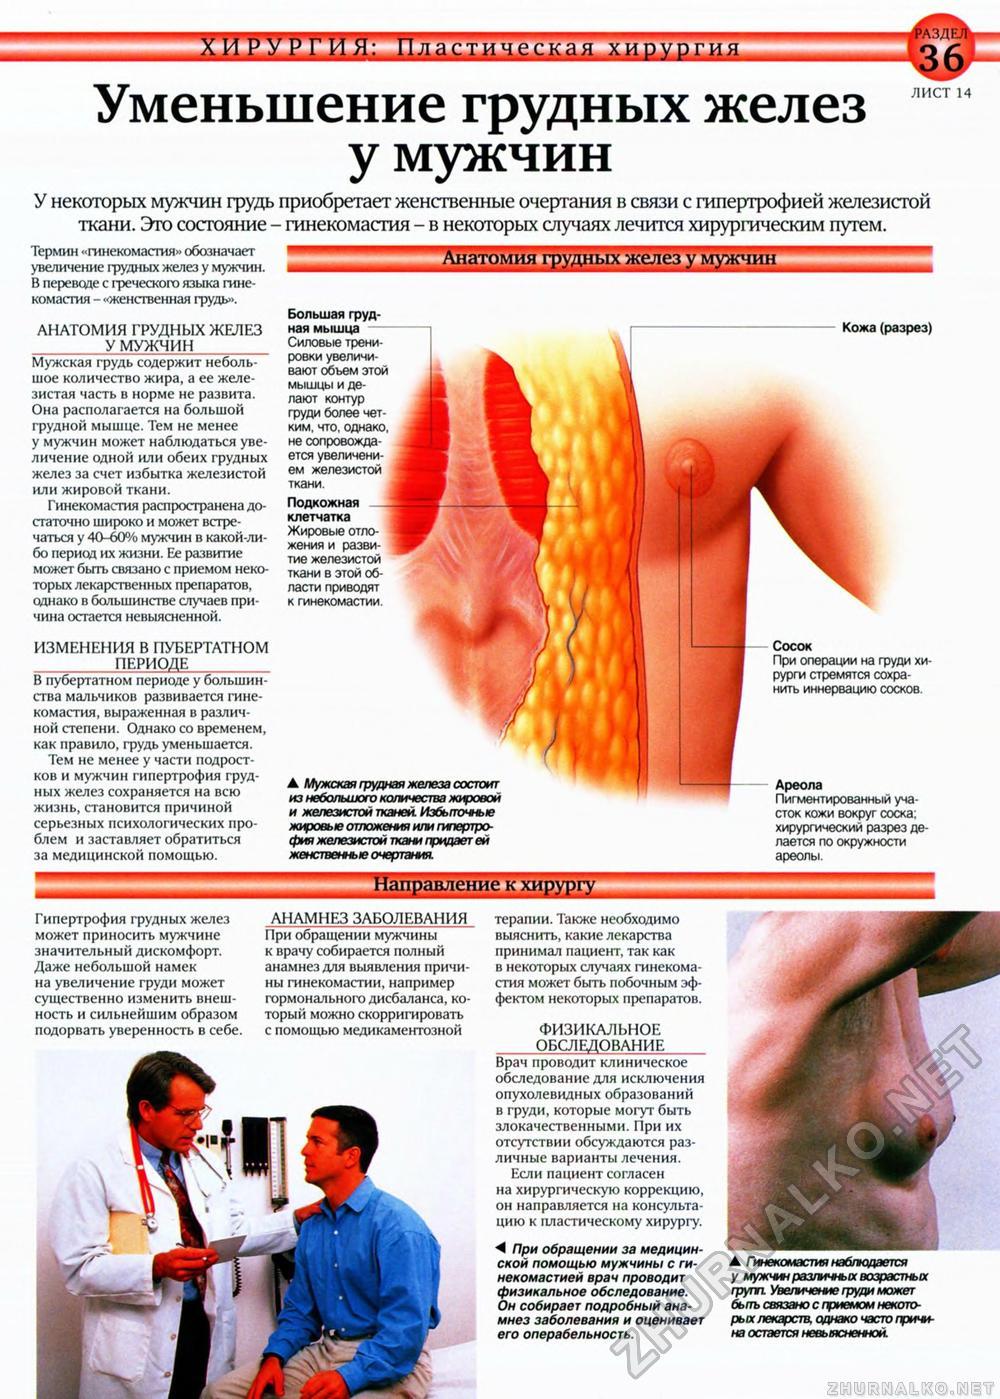 Увеличенные молочные железы у мужчин как лечить